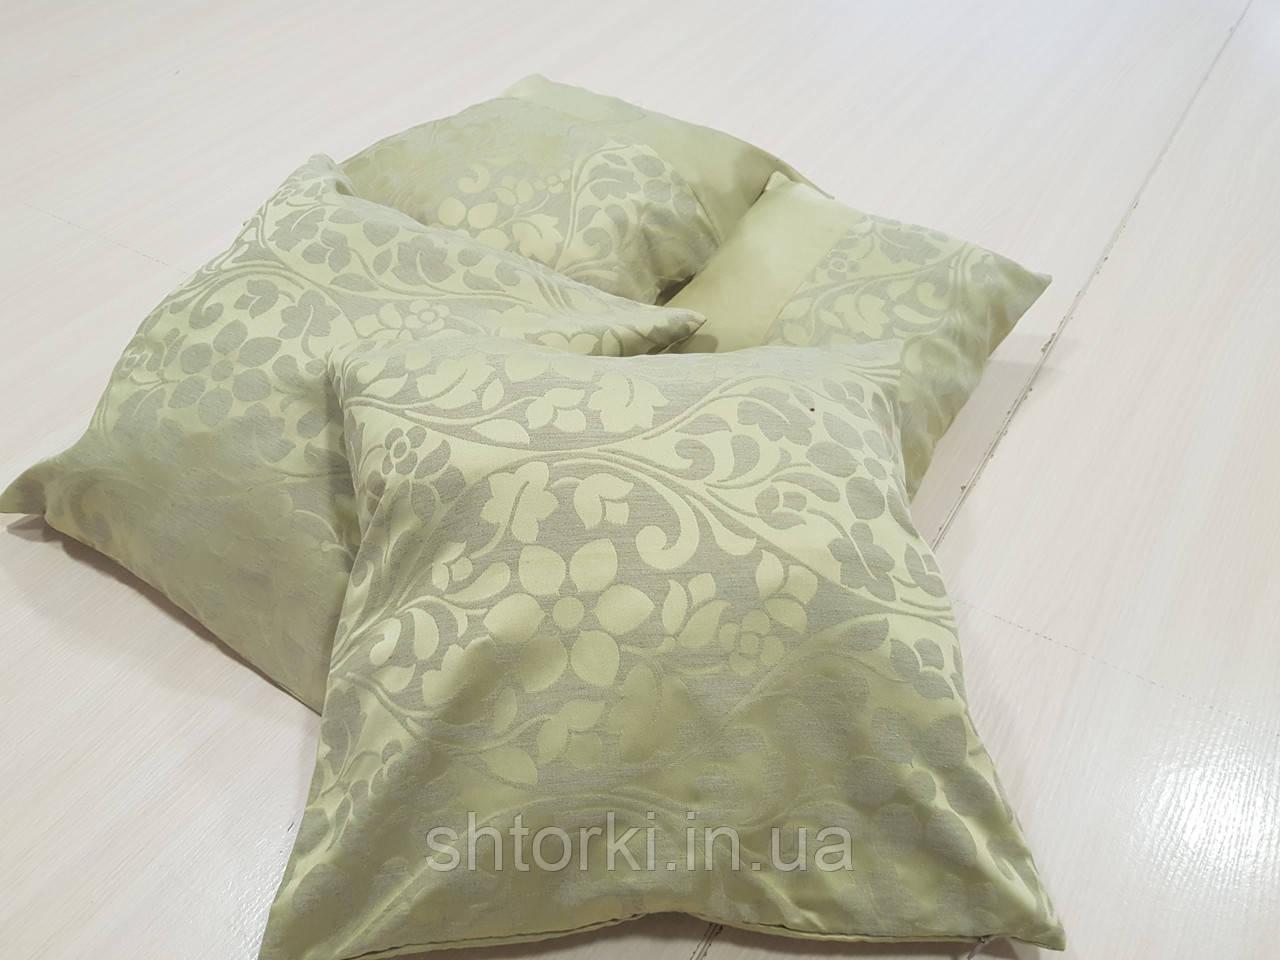 Комплект подушек горчичная с серым цветочки, 4шт